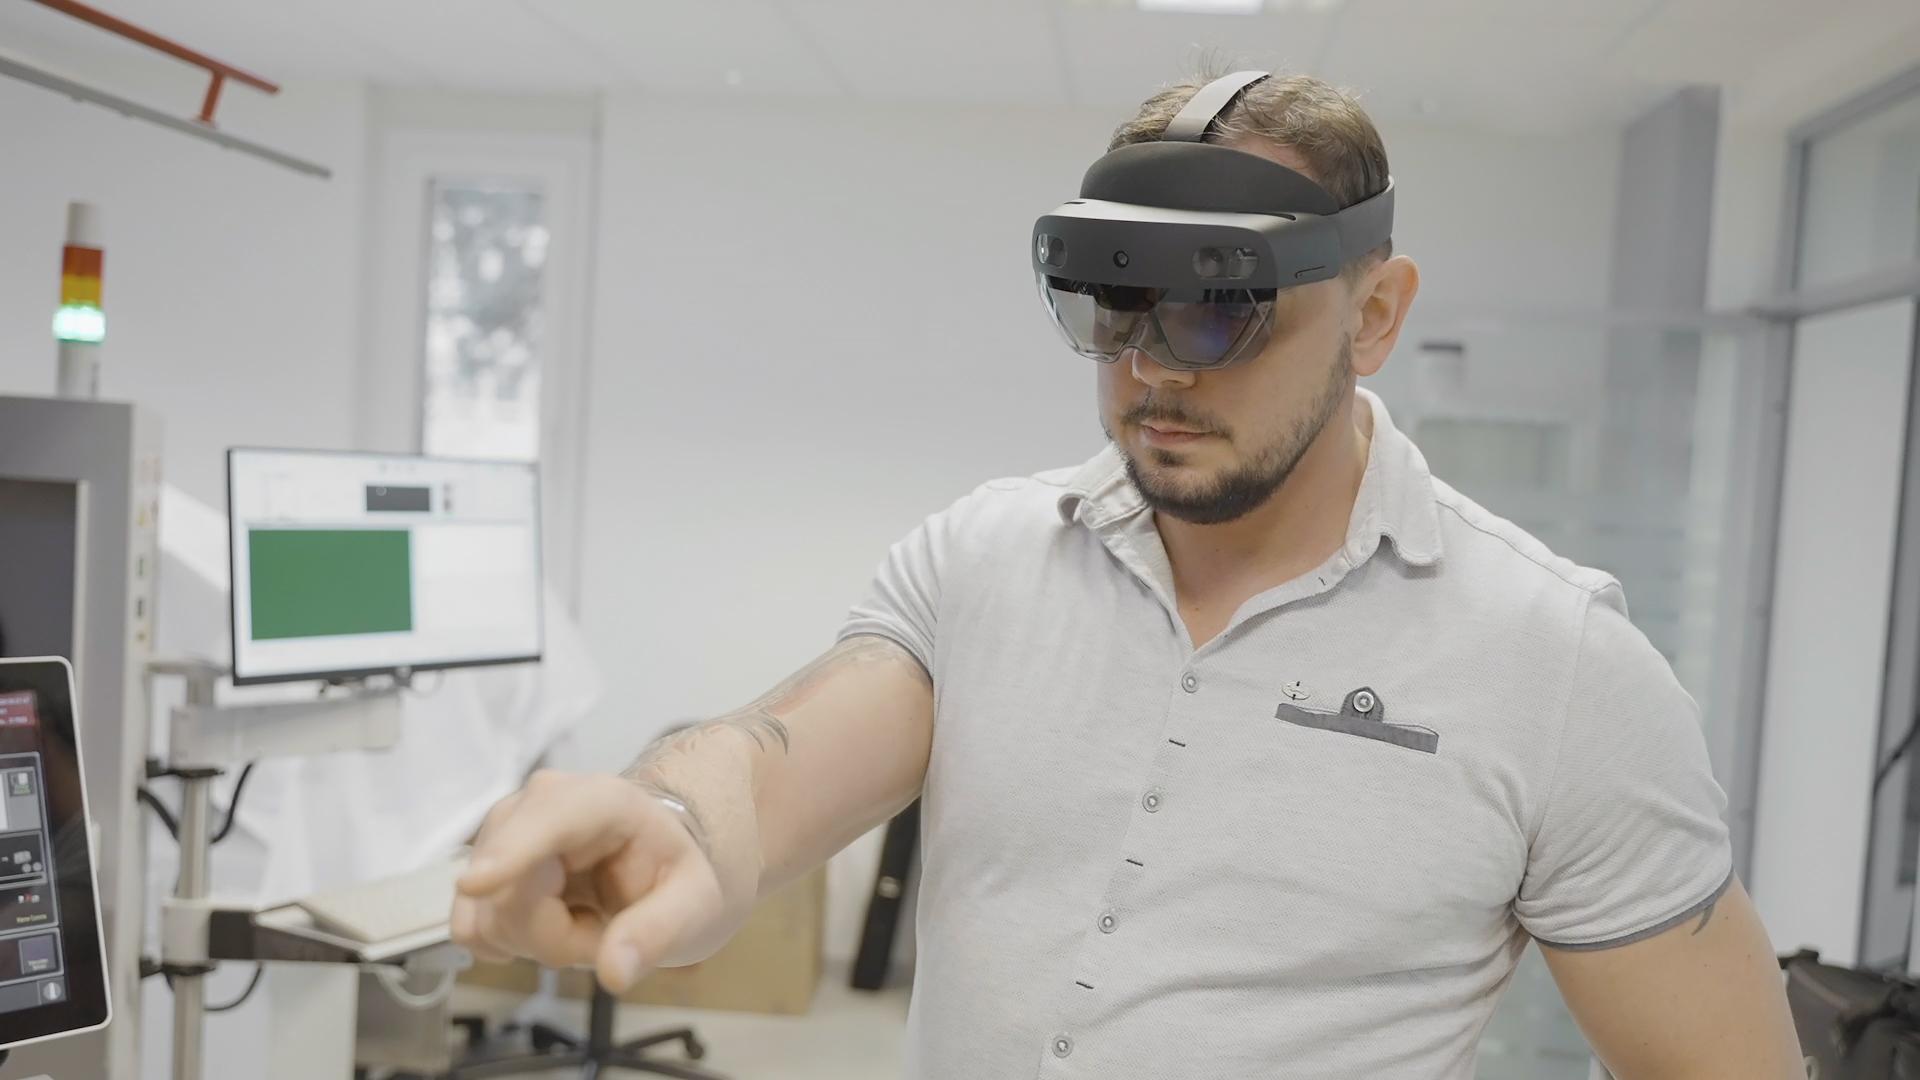 Hilpert Eletronics testet Mixed-Reality-Brille von Microsoft im Service